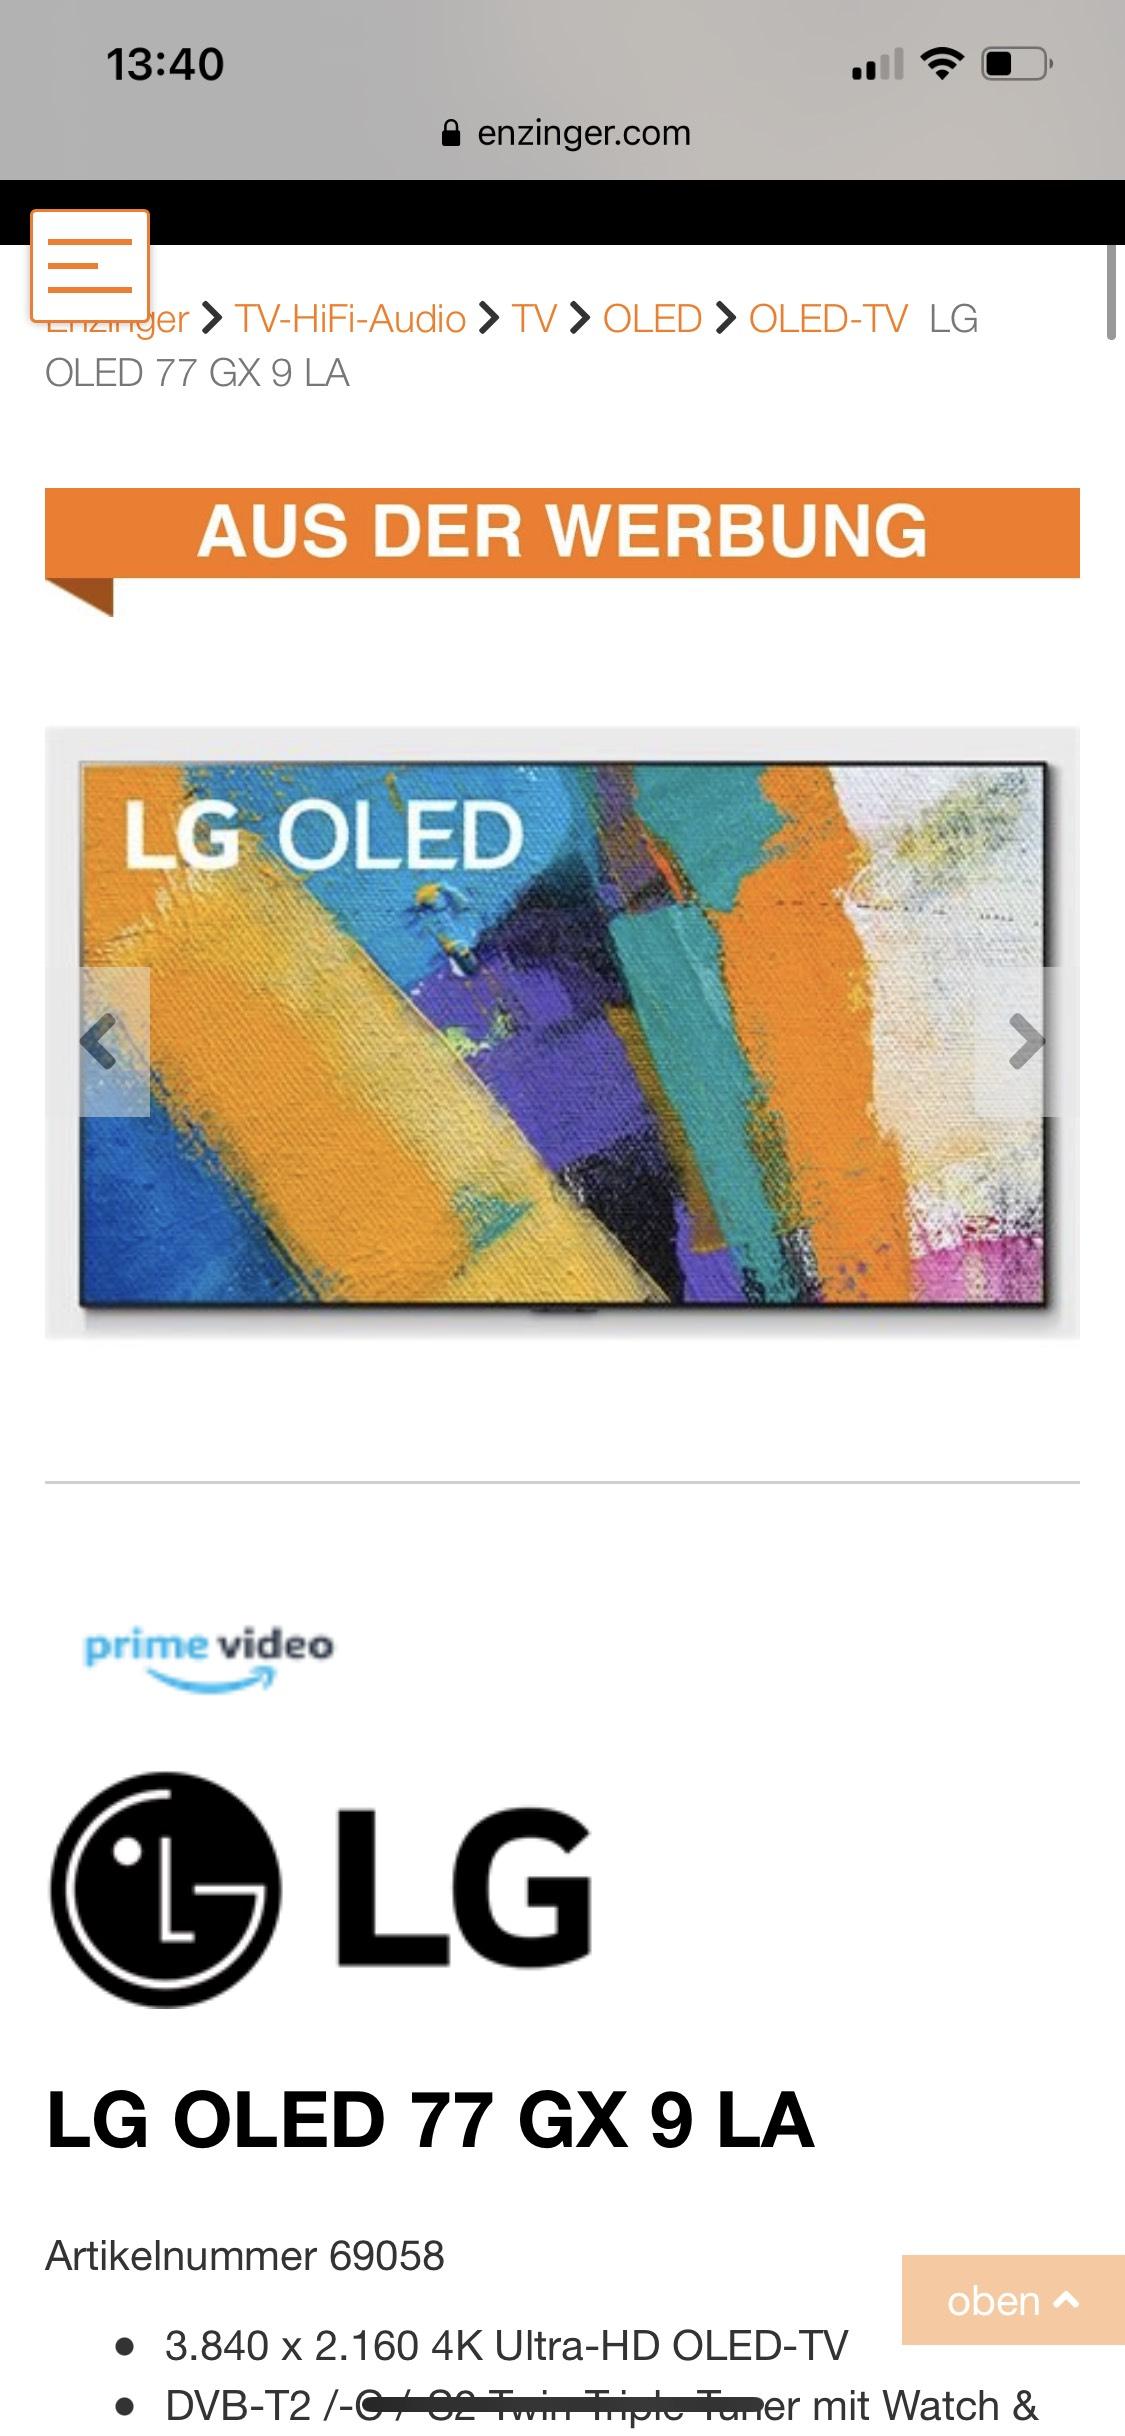 LG OLED 77 GX 9 LA - Gallery Design OLED